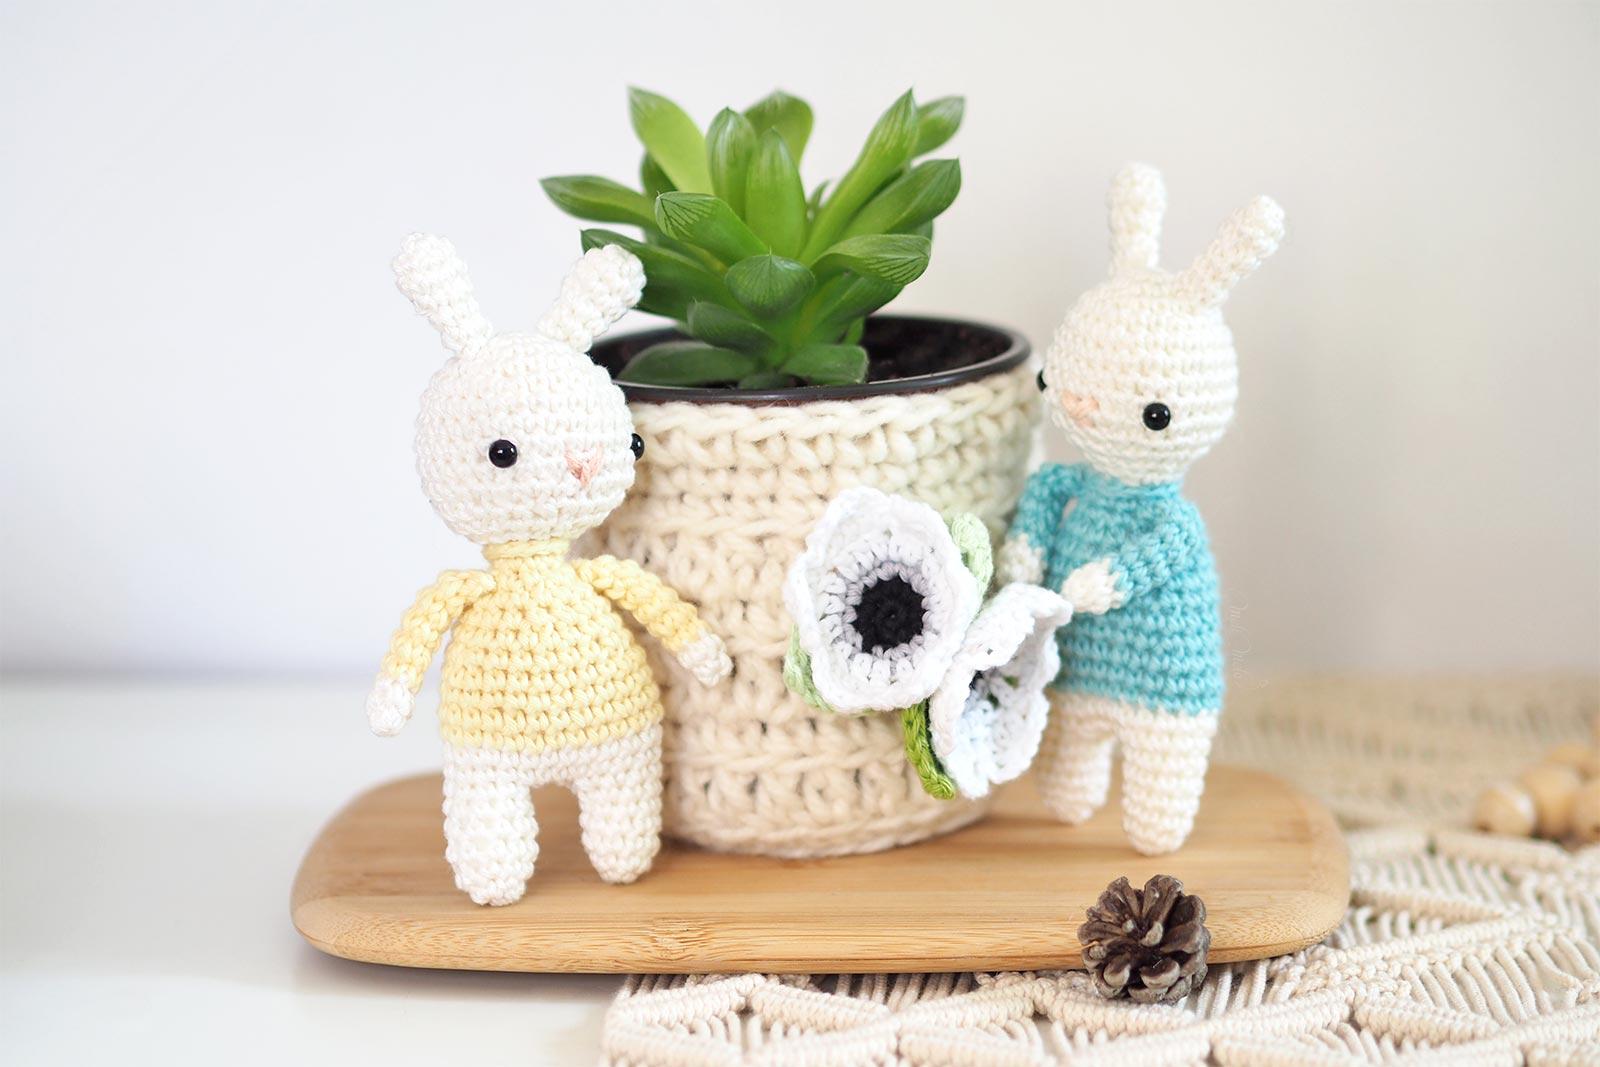 crochet lapin cache-pot baby gardening succulent Haworthia Cymbiformis La Boutique de MeliMelo